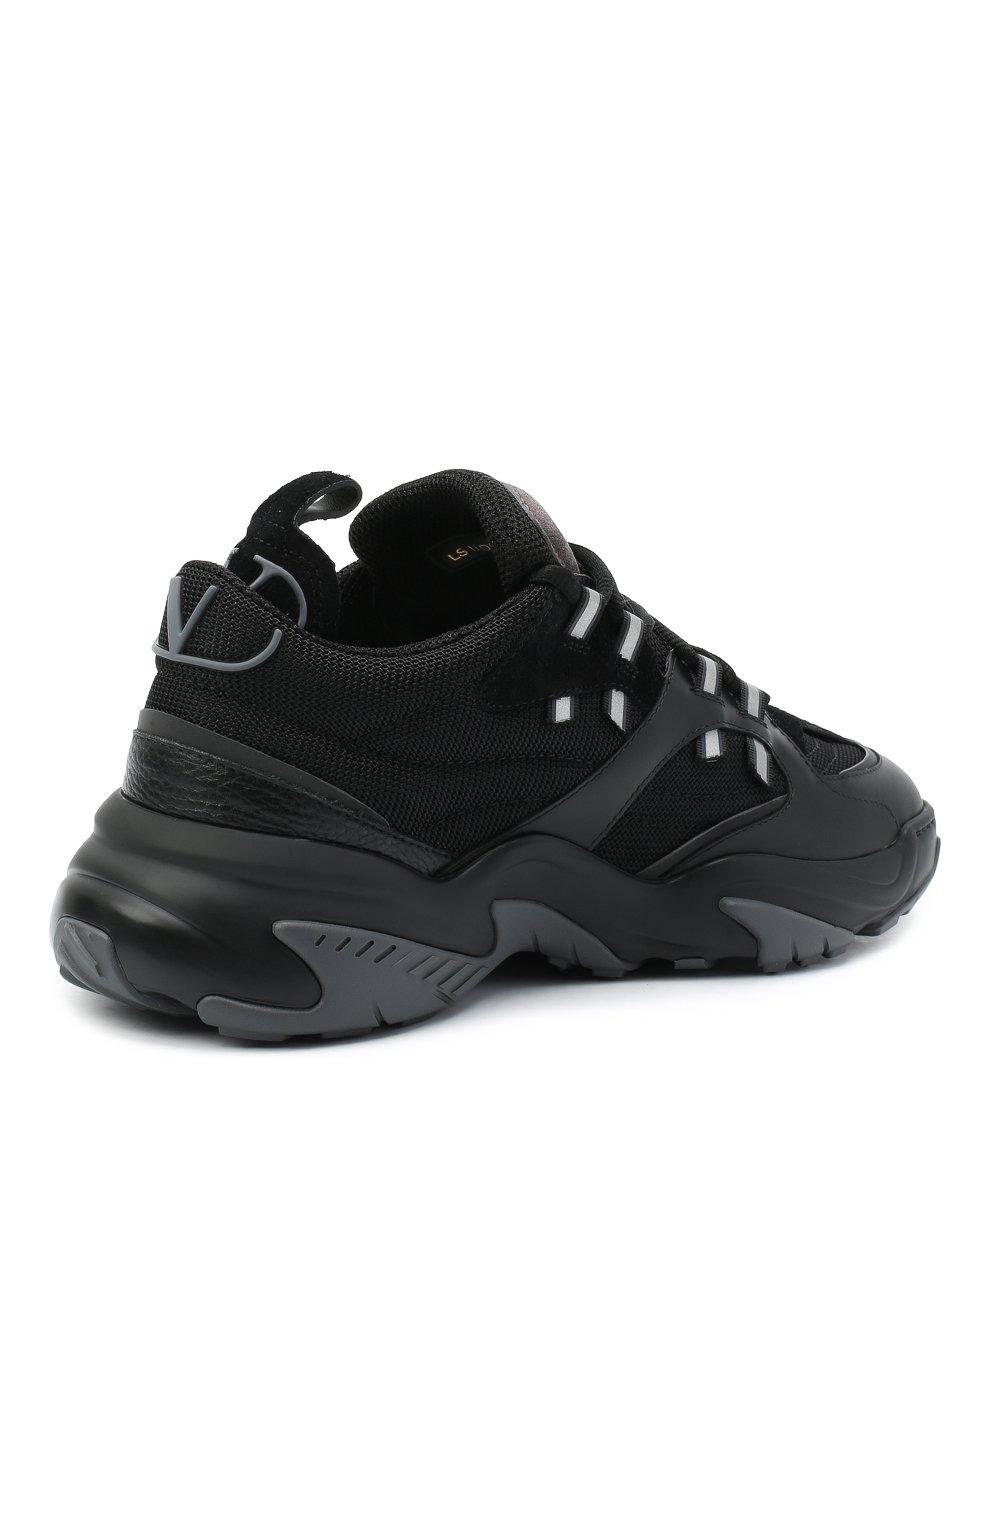 Мужские комбинированные кроссовки afterdusk VALENTINO черного цвета, арт. UY2S0D52/EIR   Фото 4 (Материал внешний: Текстиль; Стили: Гранж; Материал внутренний: Текстиль; Подошва: Массивная)